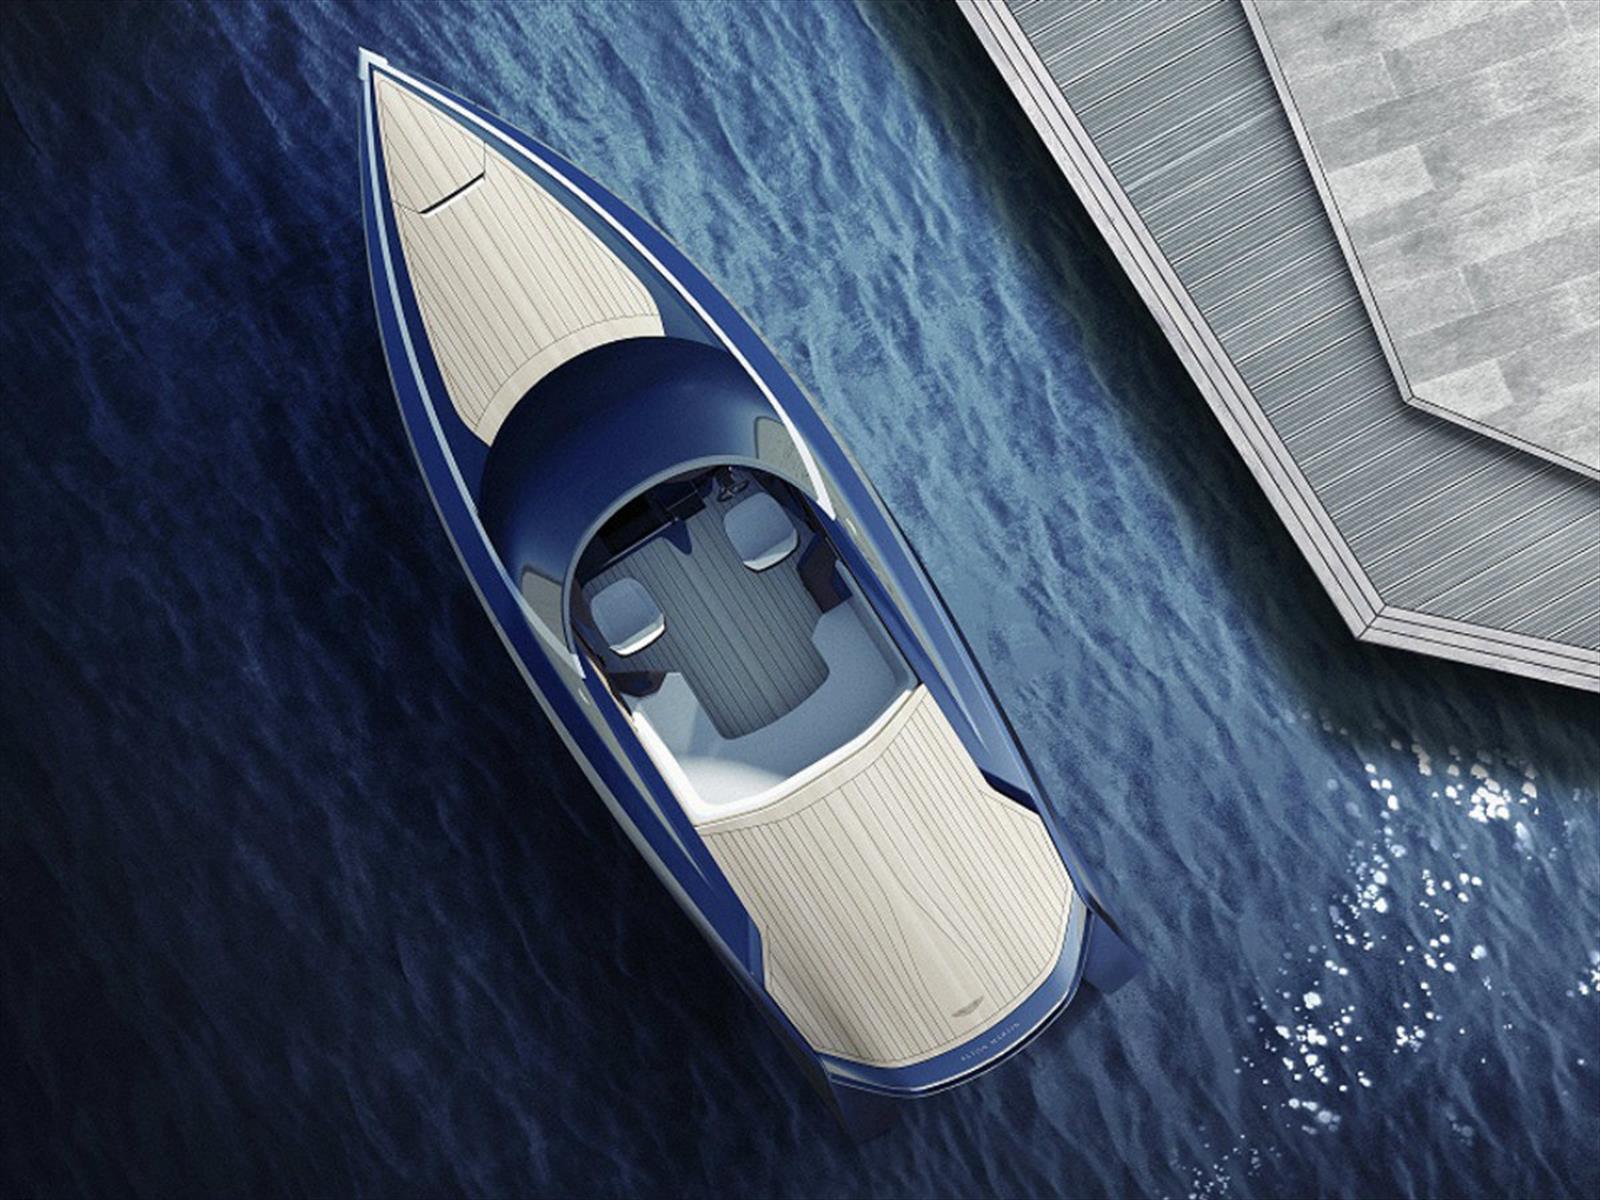 Aston Martin surcará los mares en una nueva lancha de lujo